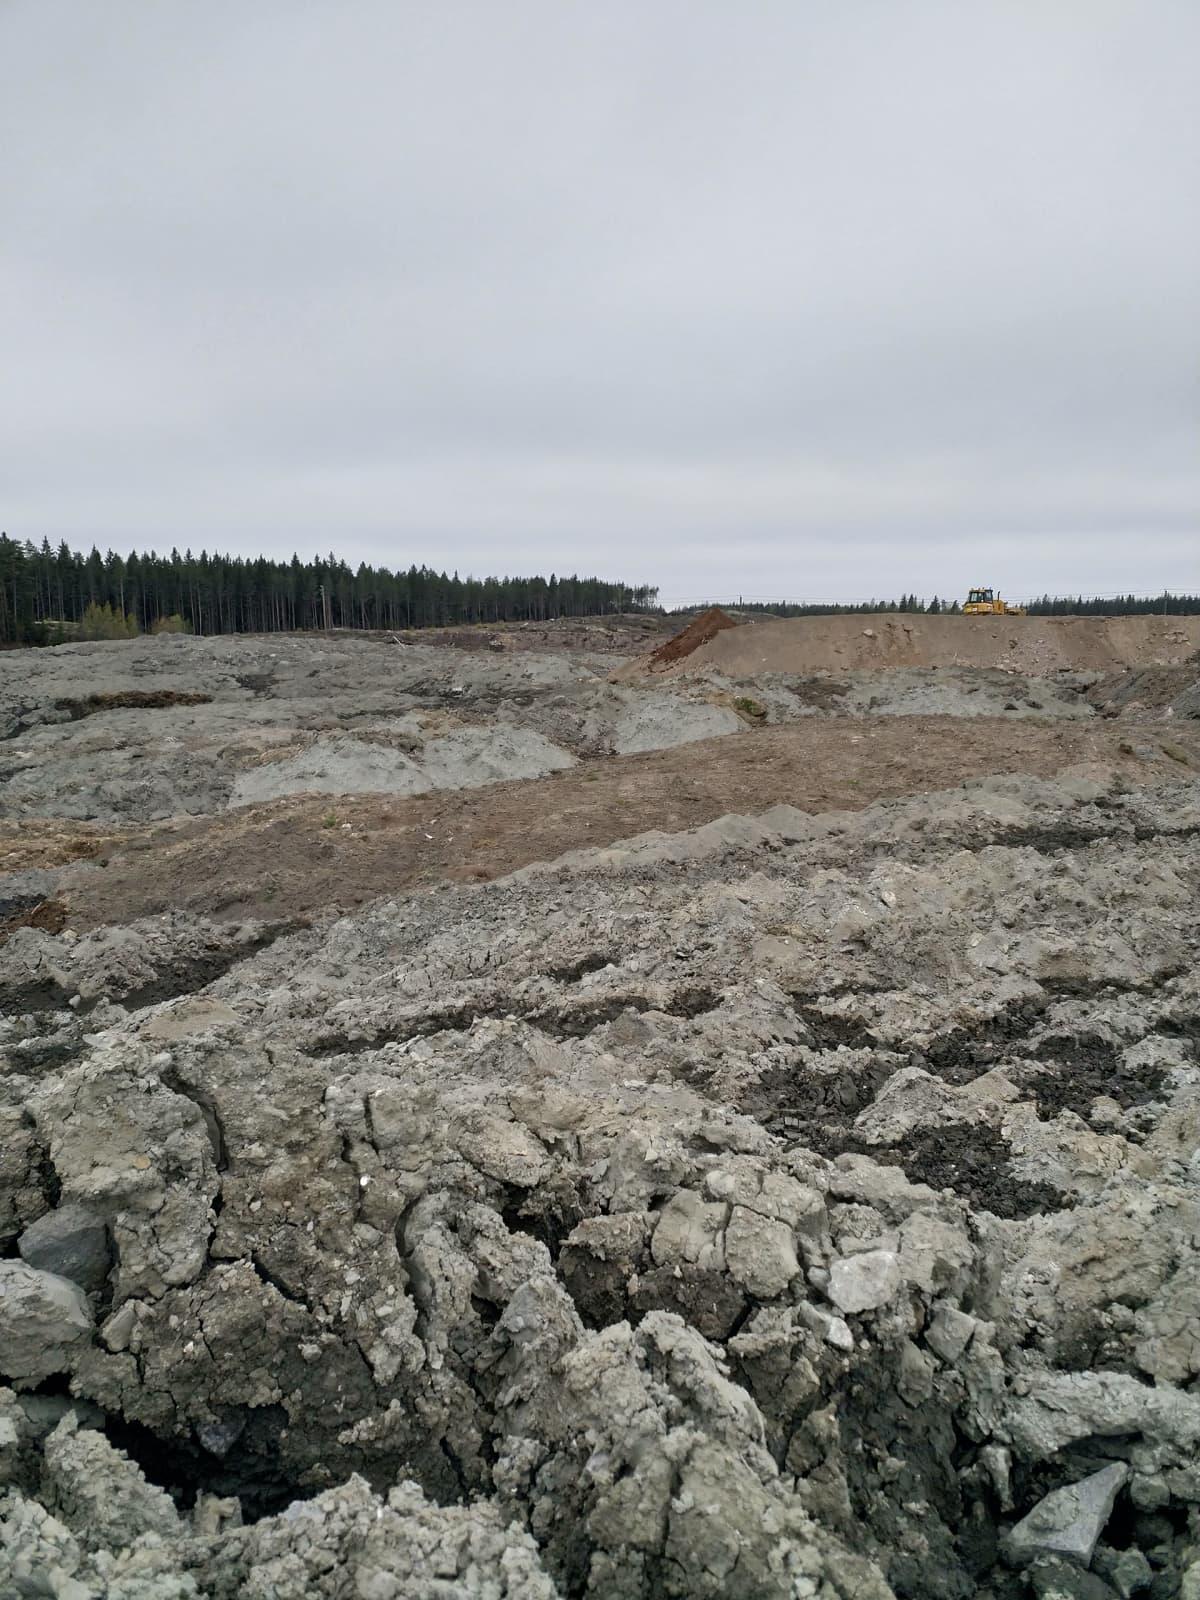 Turun toriparkin kaivauksista tuotua savea Saramäessä